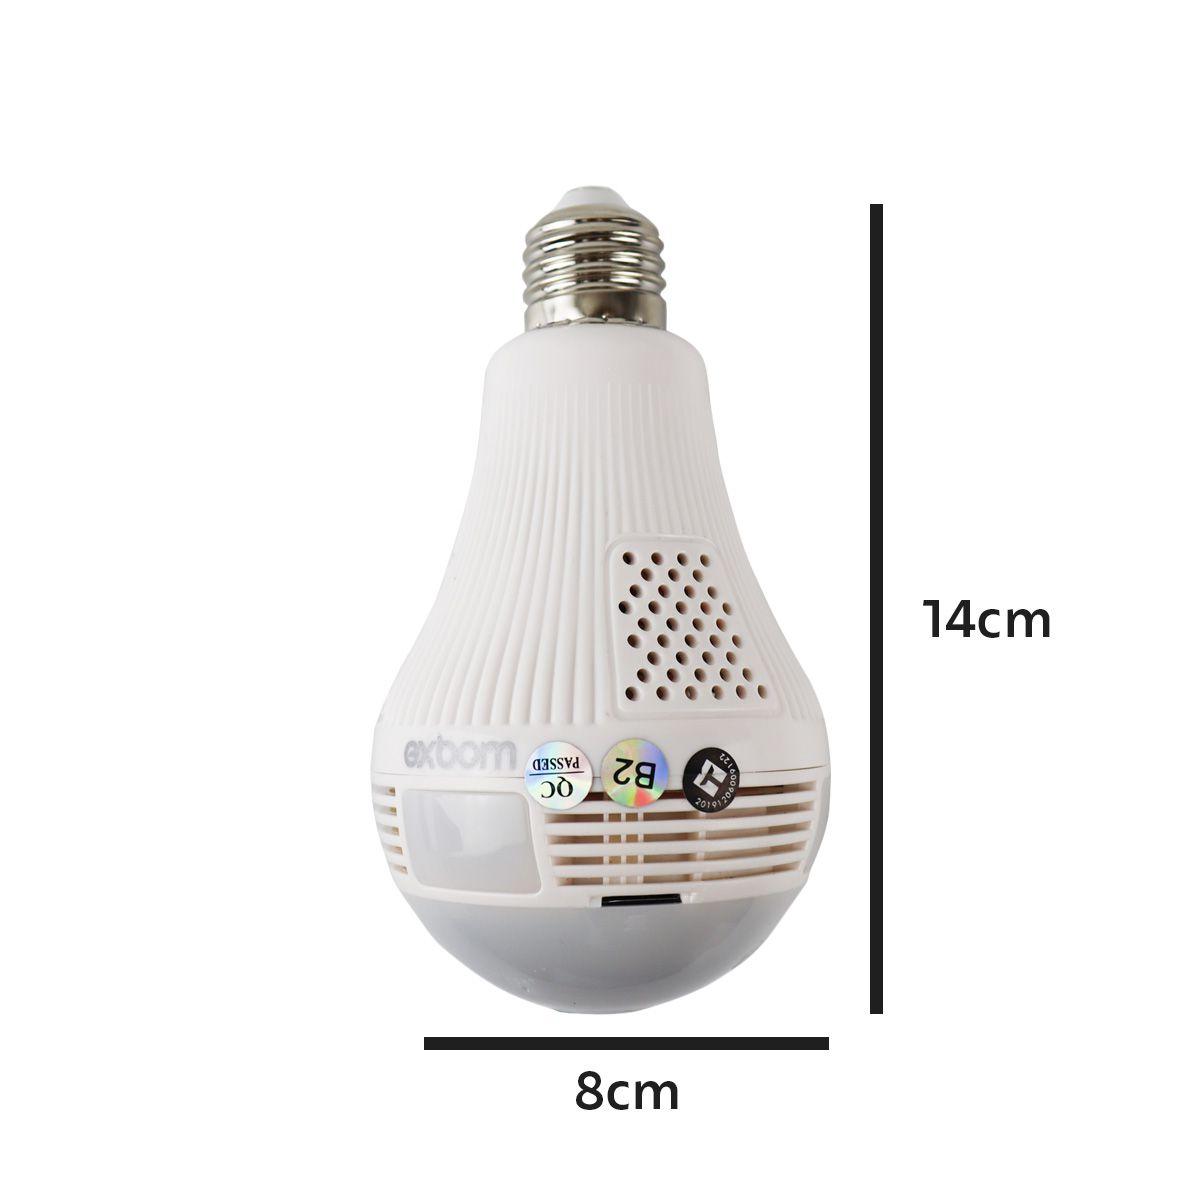 KIT Câmera IP Wi-fi Panorâmica Lâmpada Exbom IPCAM-L130 com Visão Noturna + Cartão Micro SD 32GB